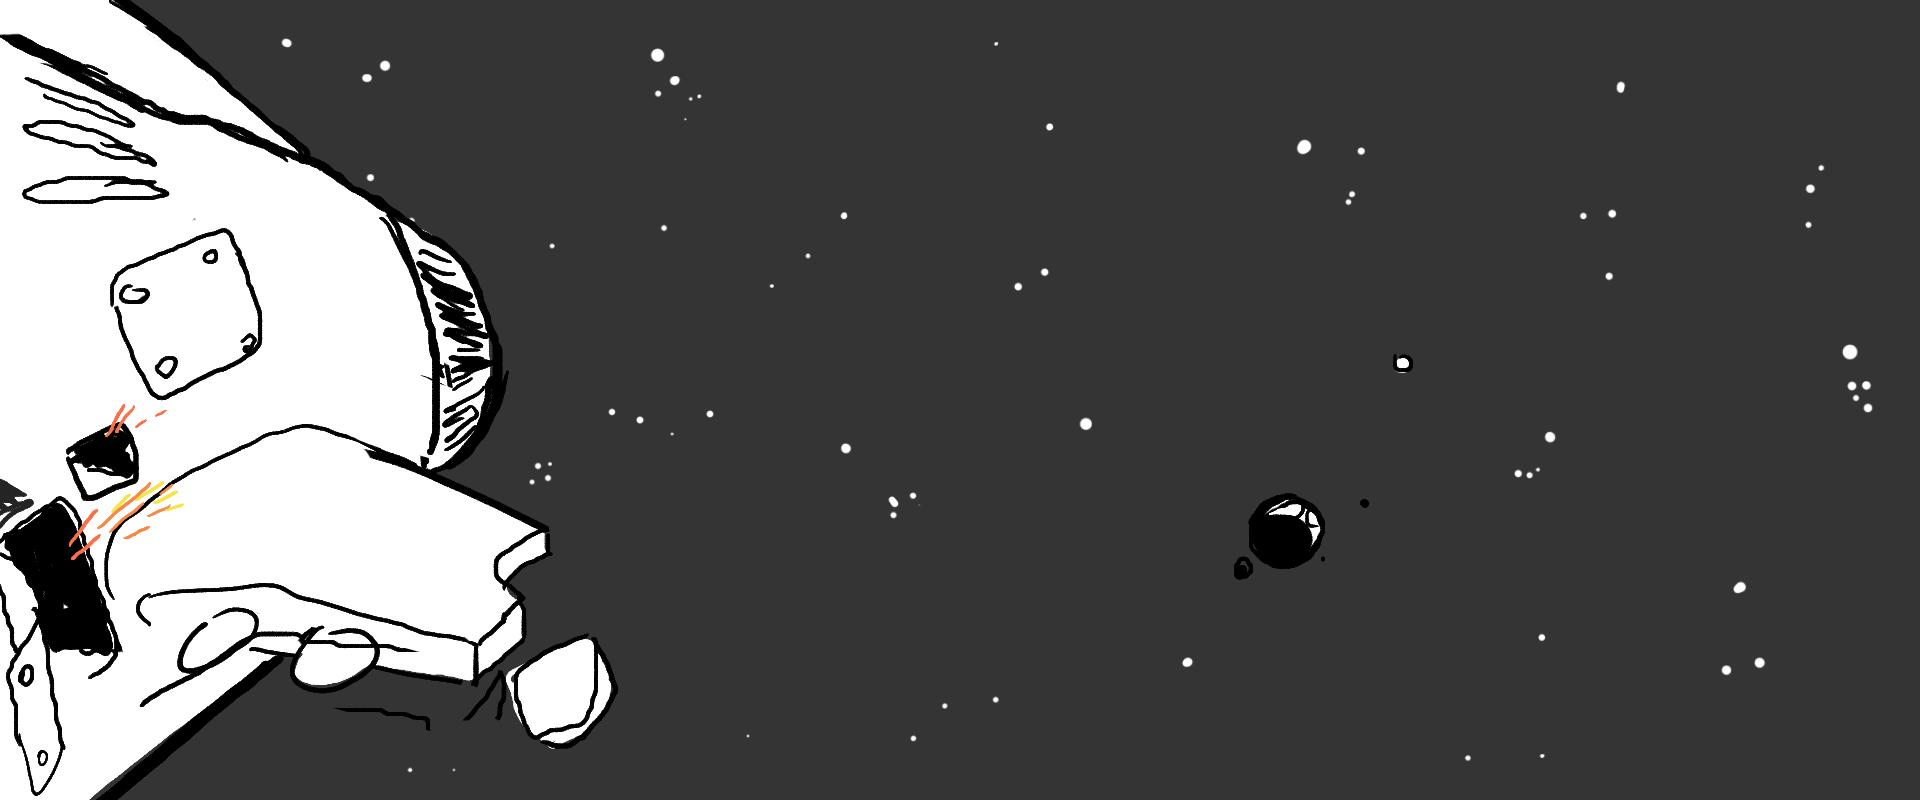 WI_space_1.jpg